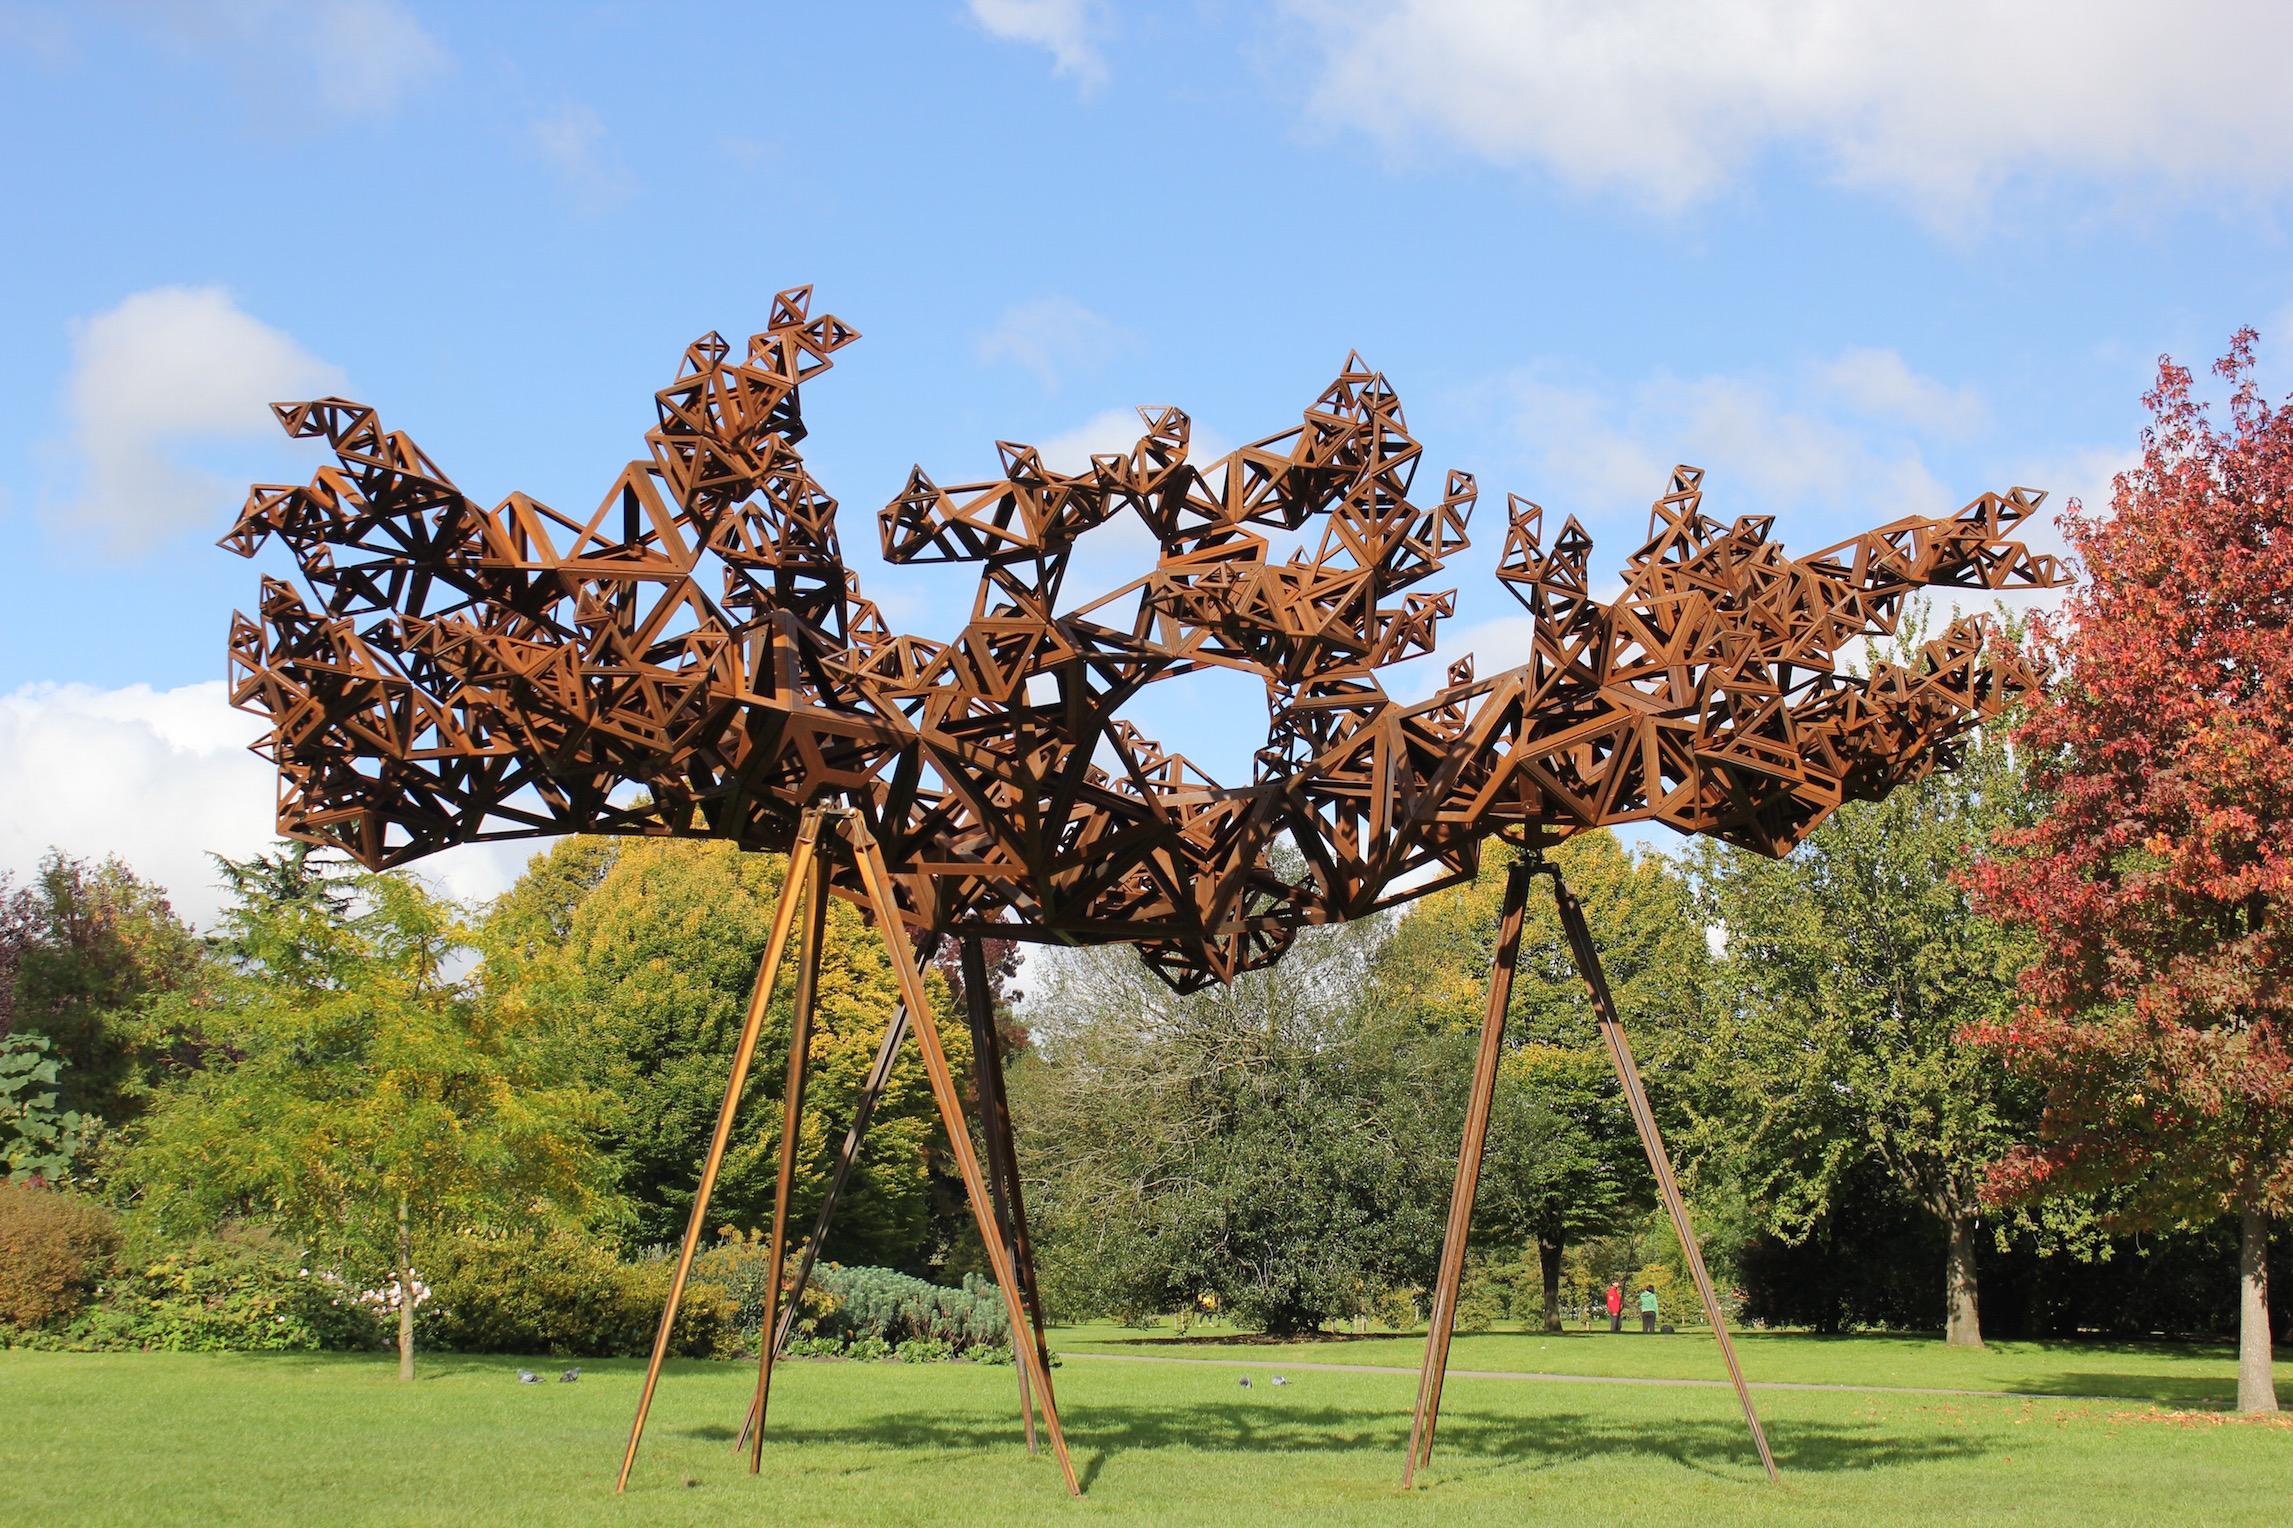 Frieze Sculpture Park 2015